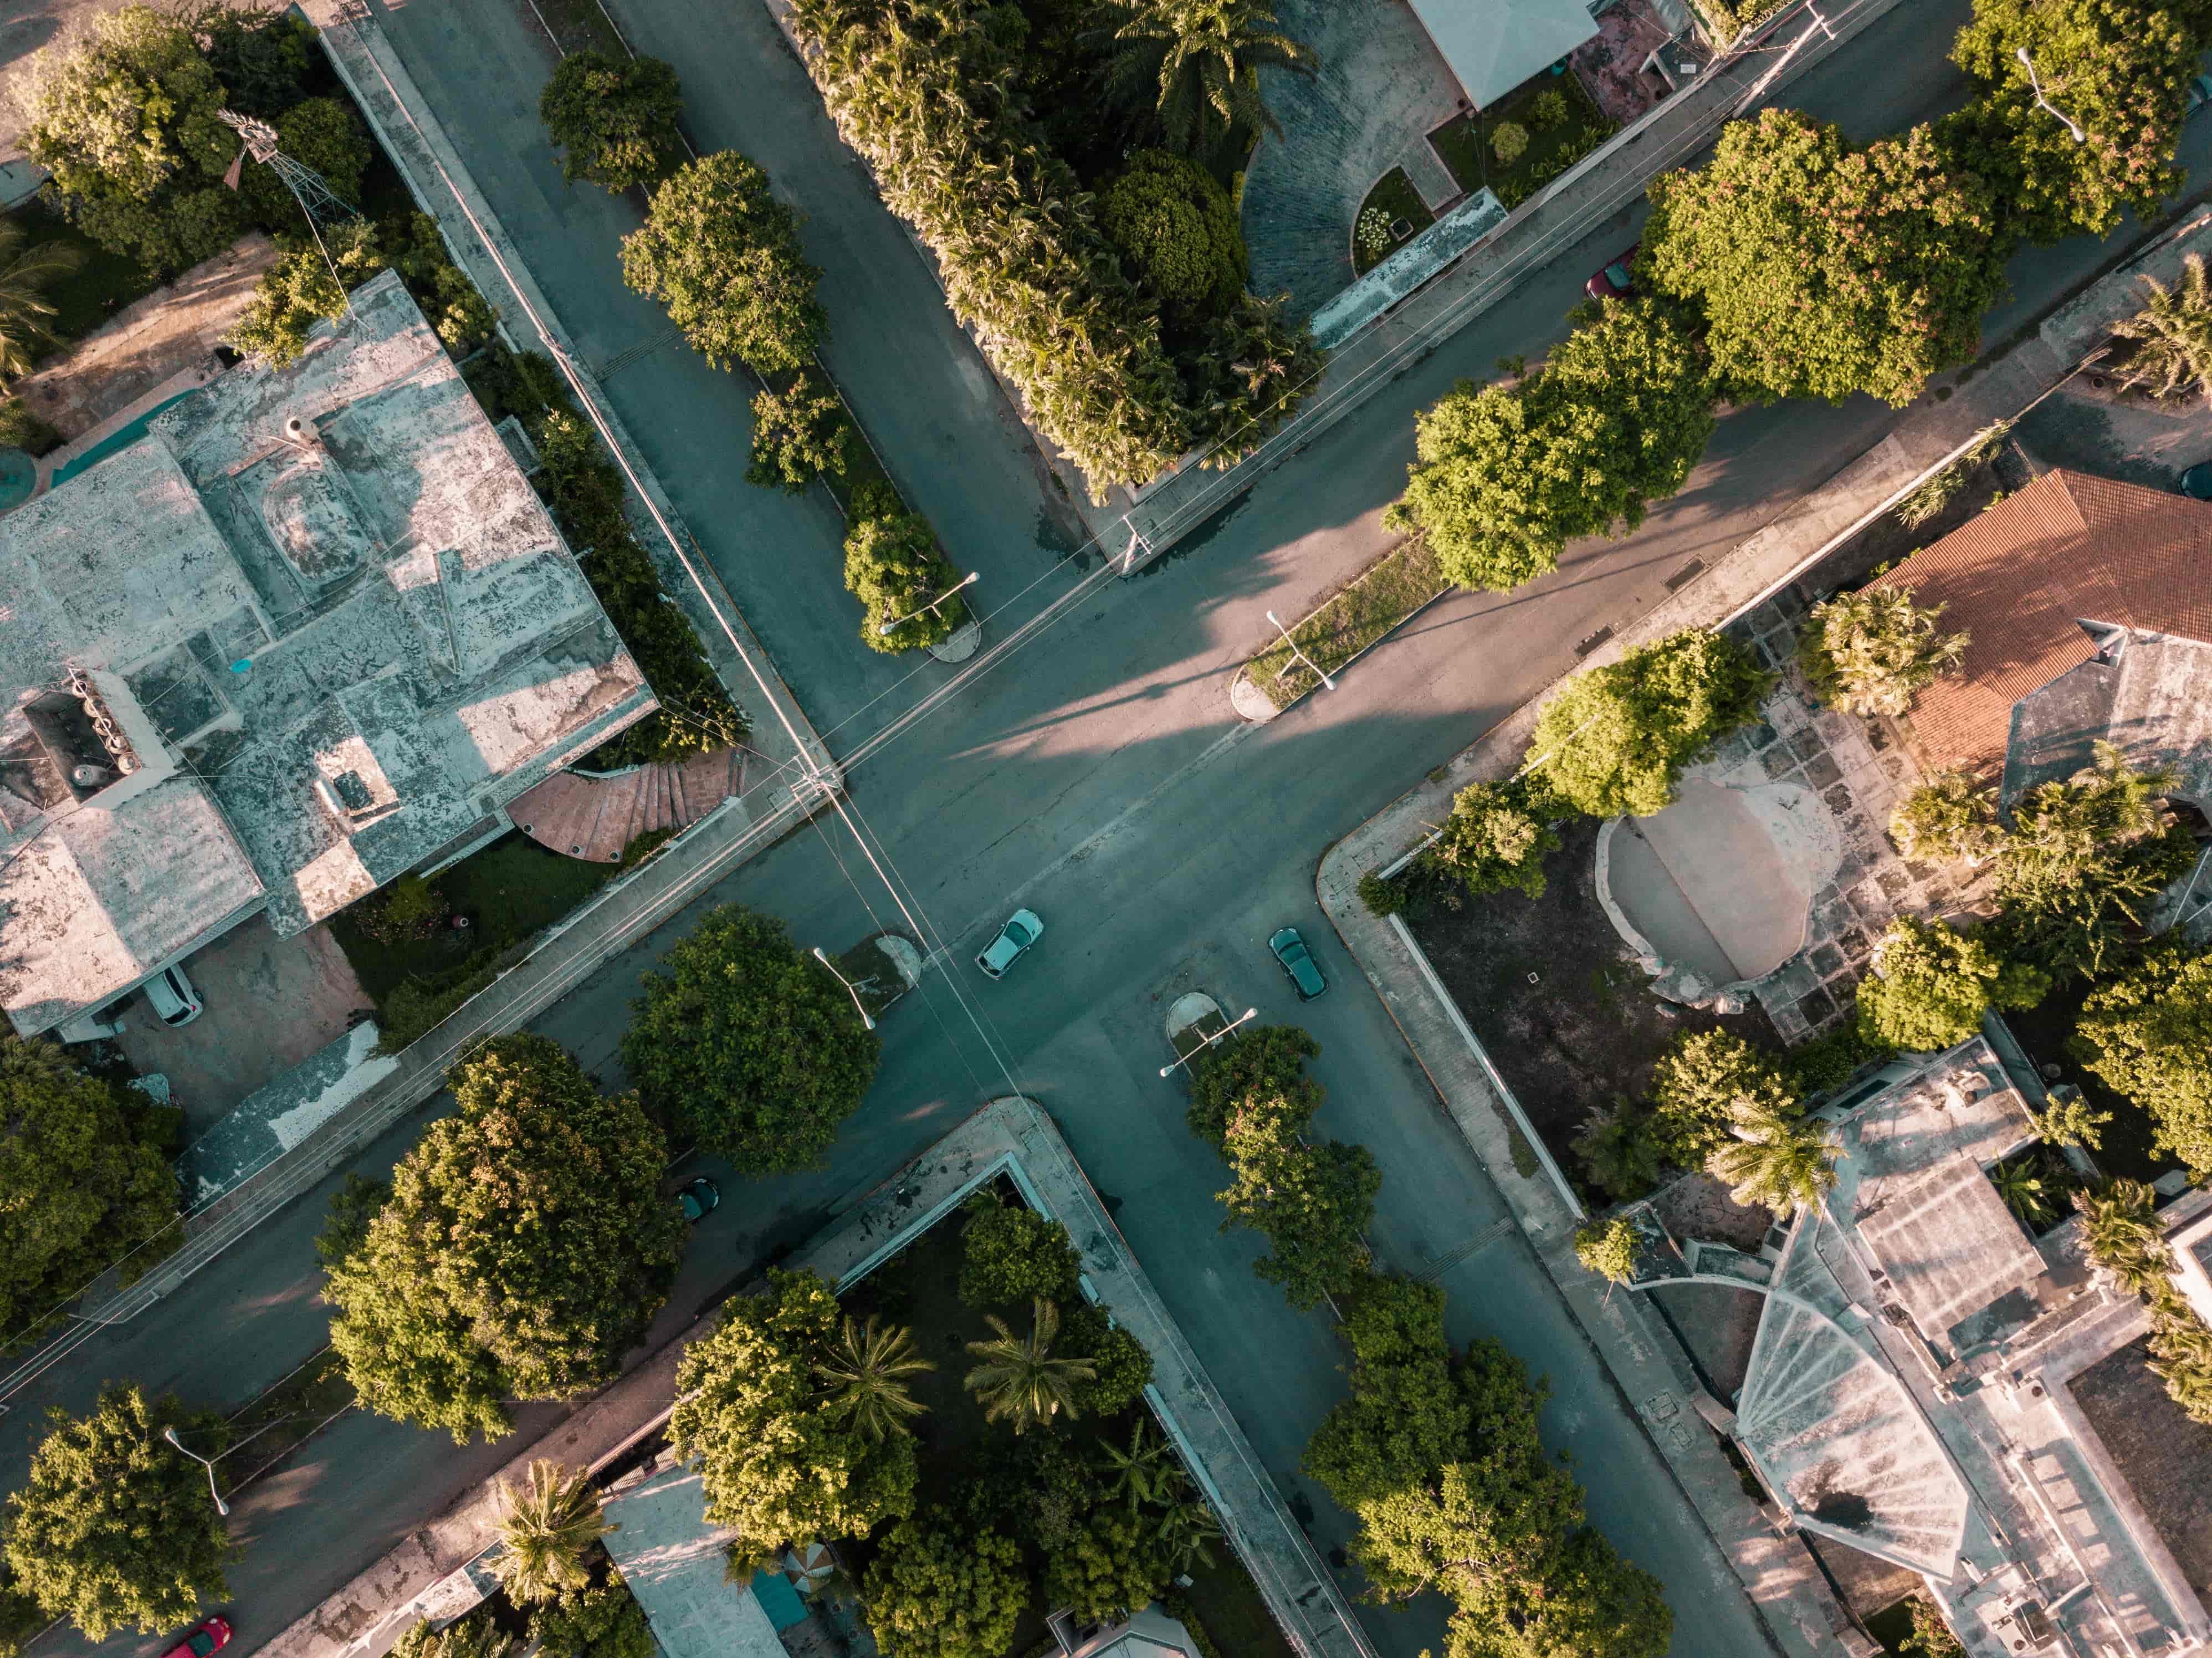 merida-una-ciudad-planificada-para-crecer-ordenadamente